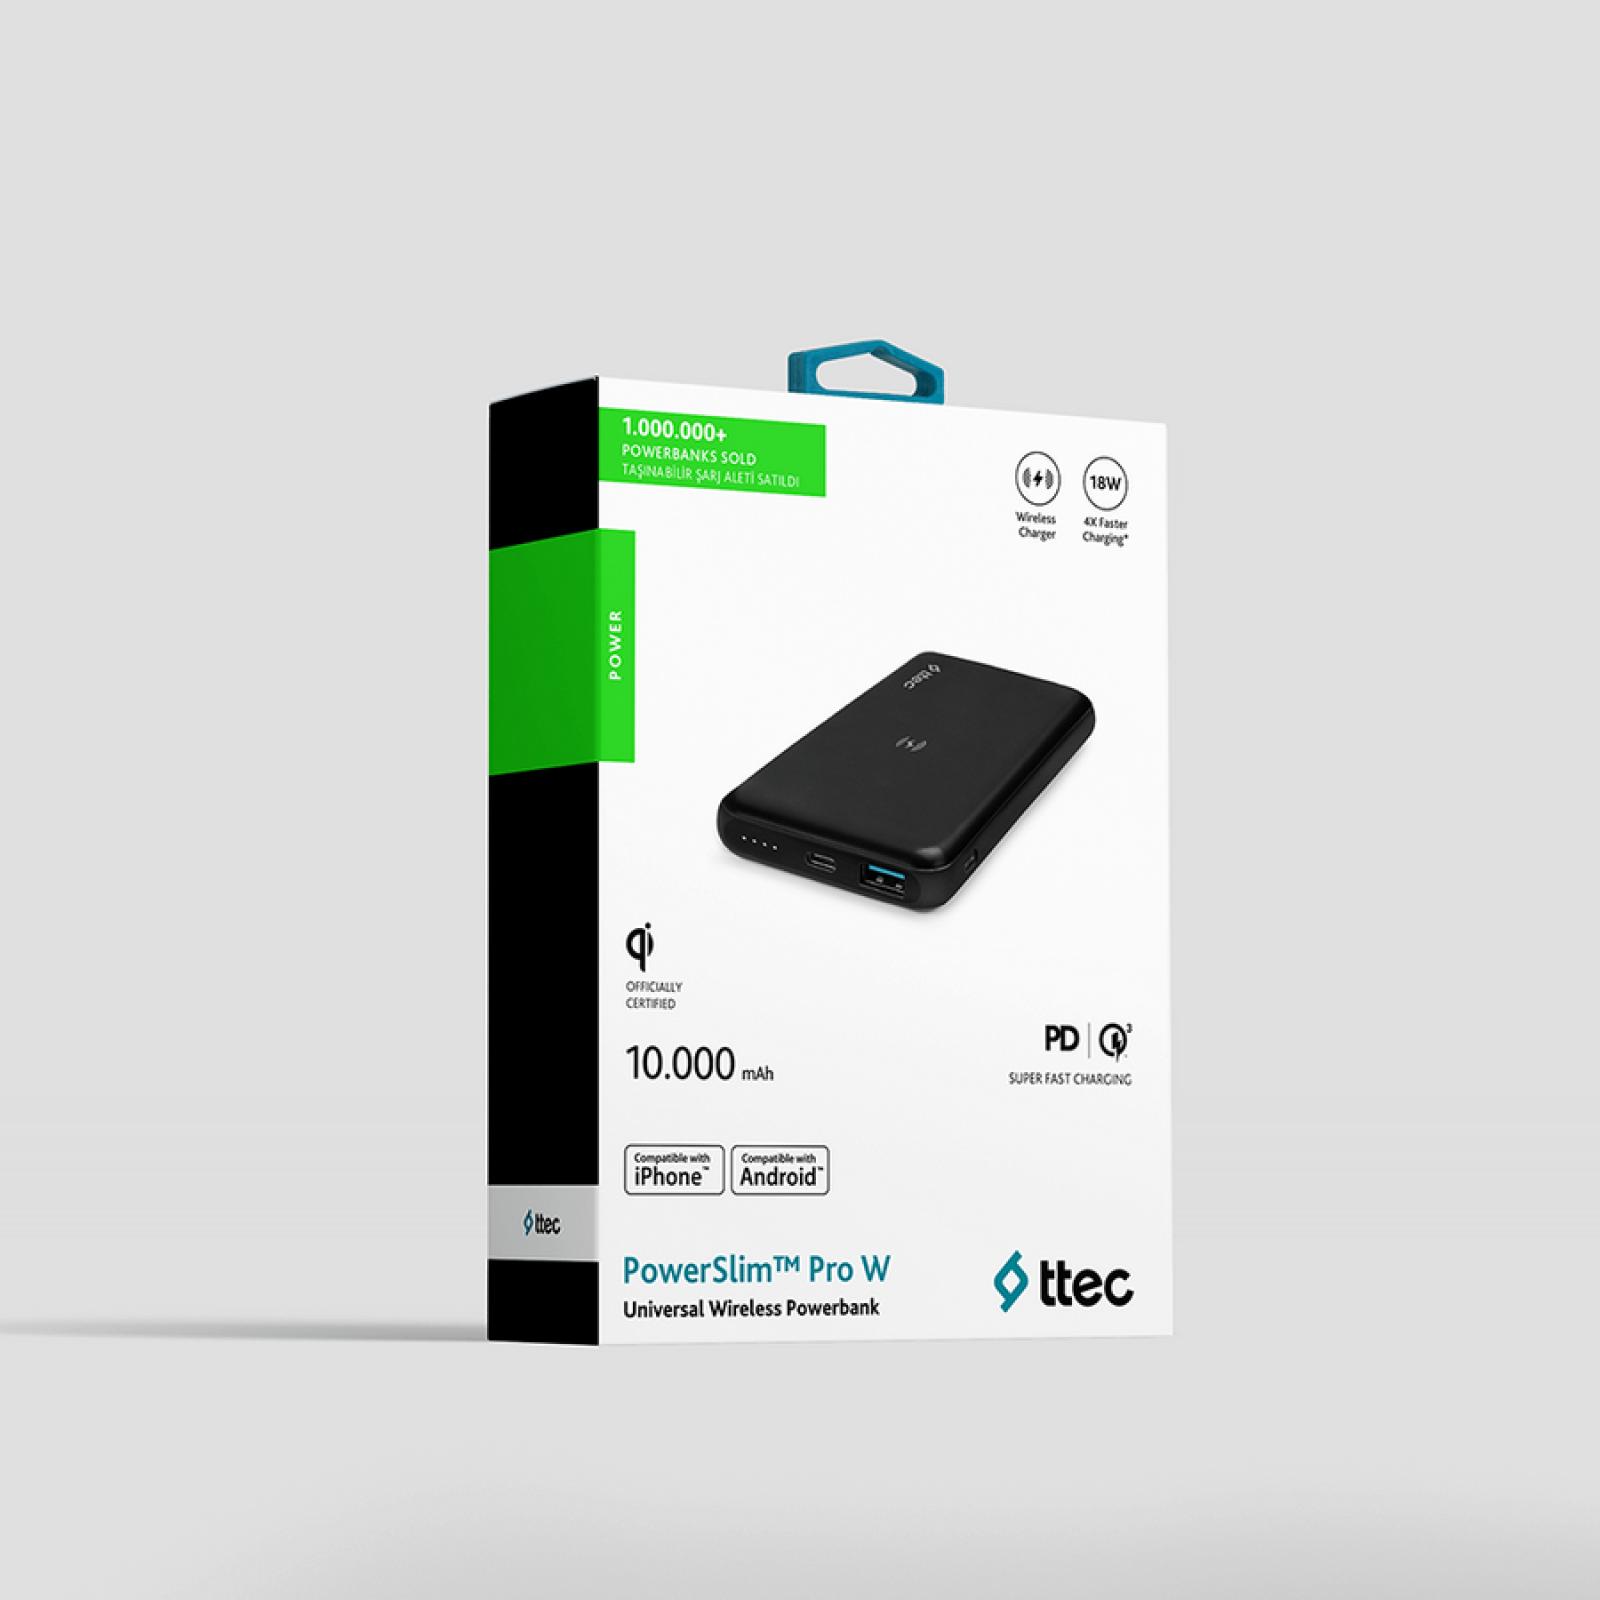 Външна батерия PowerSlim Pro W QI/PD/QC 3.0 10.000mAh Wireless Universal Mobile Charger  - Черна,116893